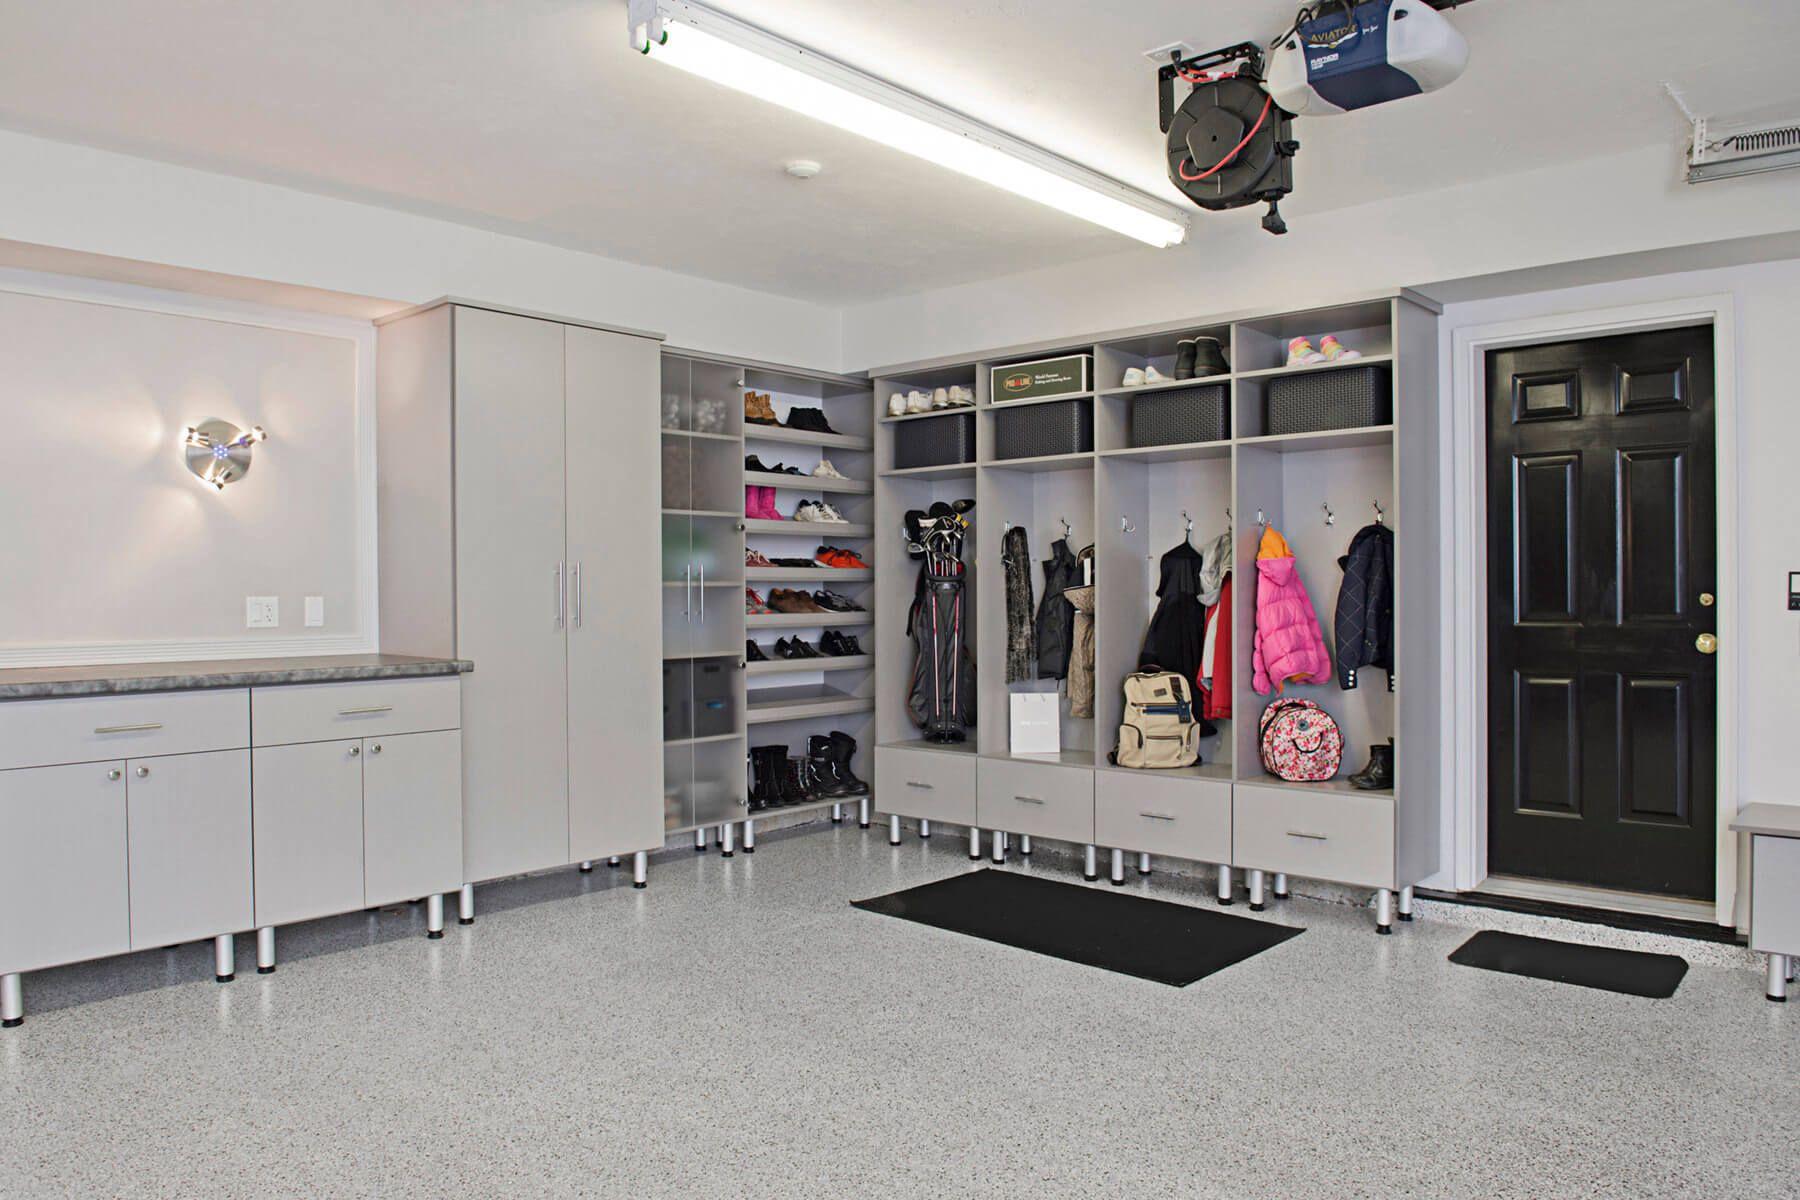 29 Garage Storage Ideas Plus 3 Garage Man Caves Garage Storage Cabinets Garage Decor Mud Room Storage